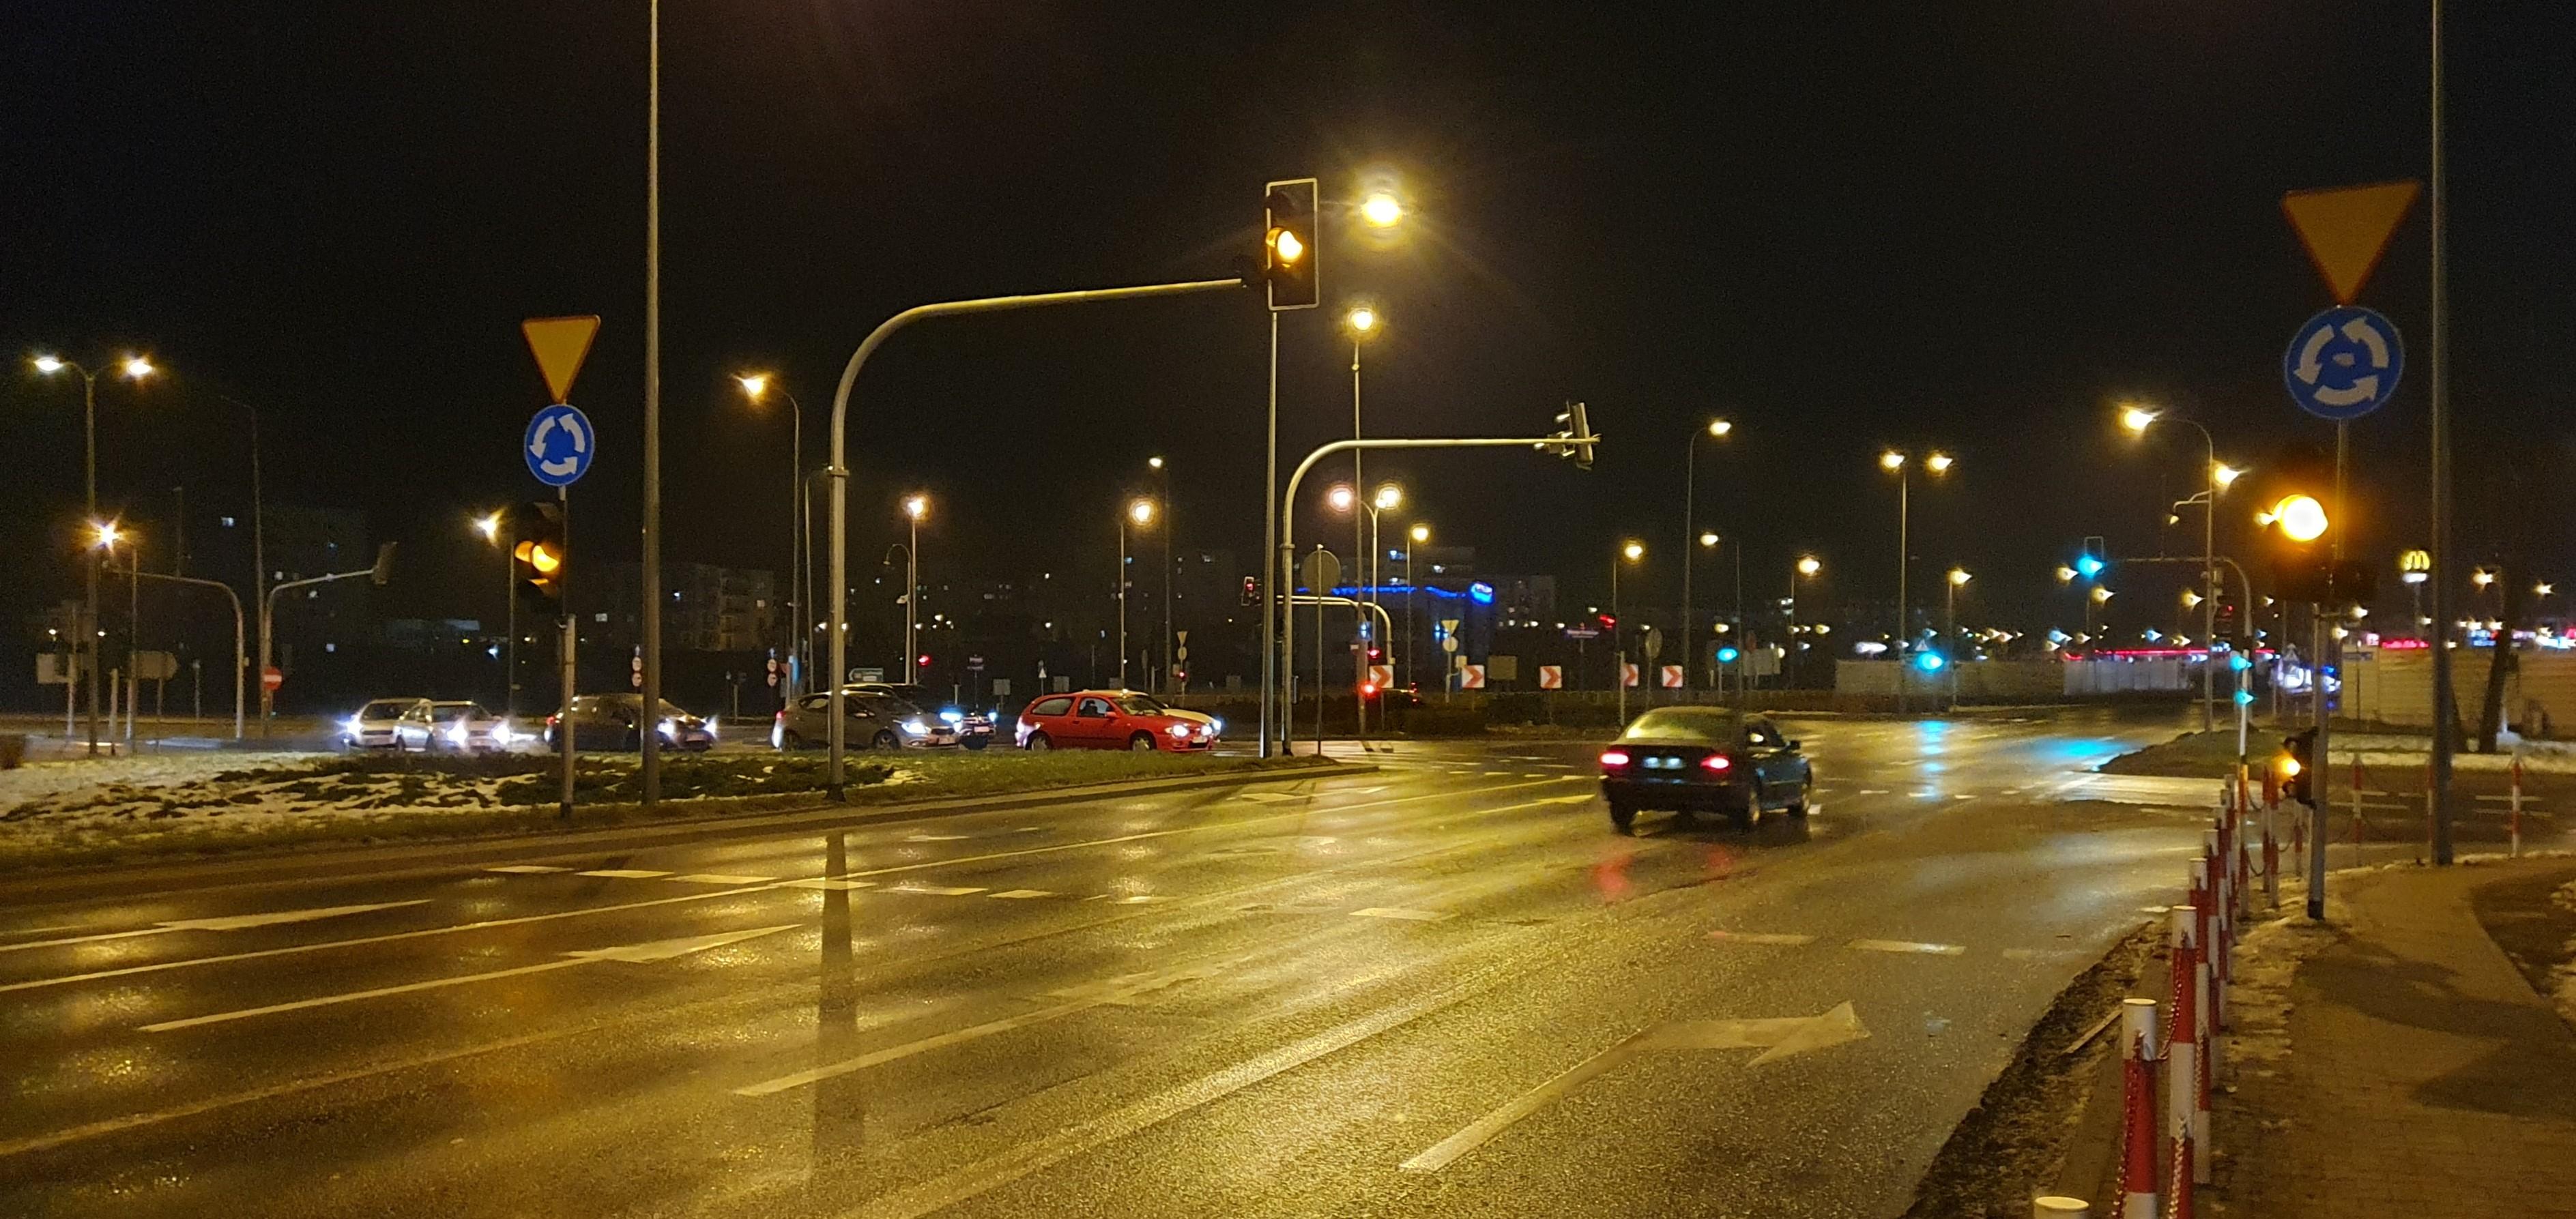 """Specjalny fotoradar nad """"Dzwonem"""". Kiedy urządzenie zawiśnie nad rondem w Płocku?  - Zdjęcie główne"""